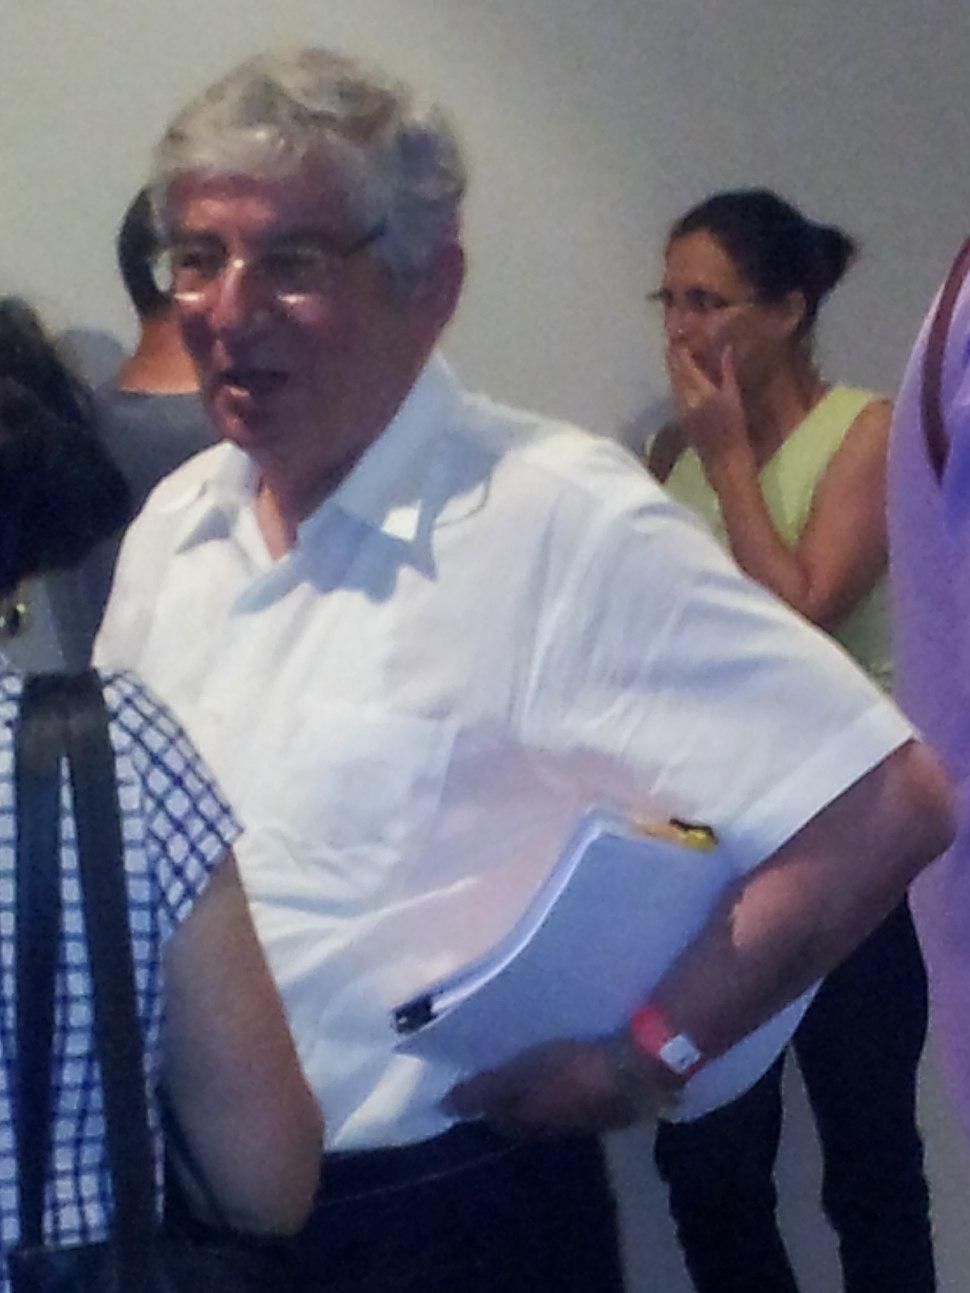 דוד ליבאי, ועידת מפלגת העבודה, אוגוסט 2013